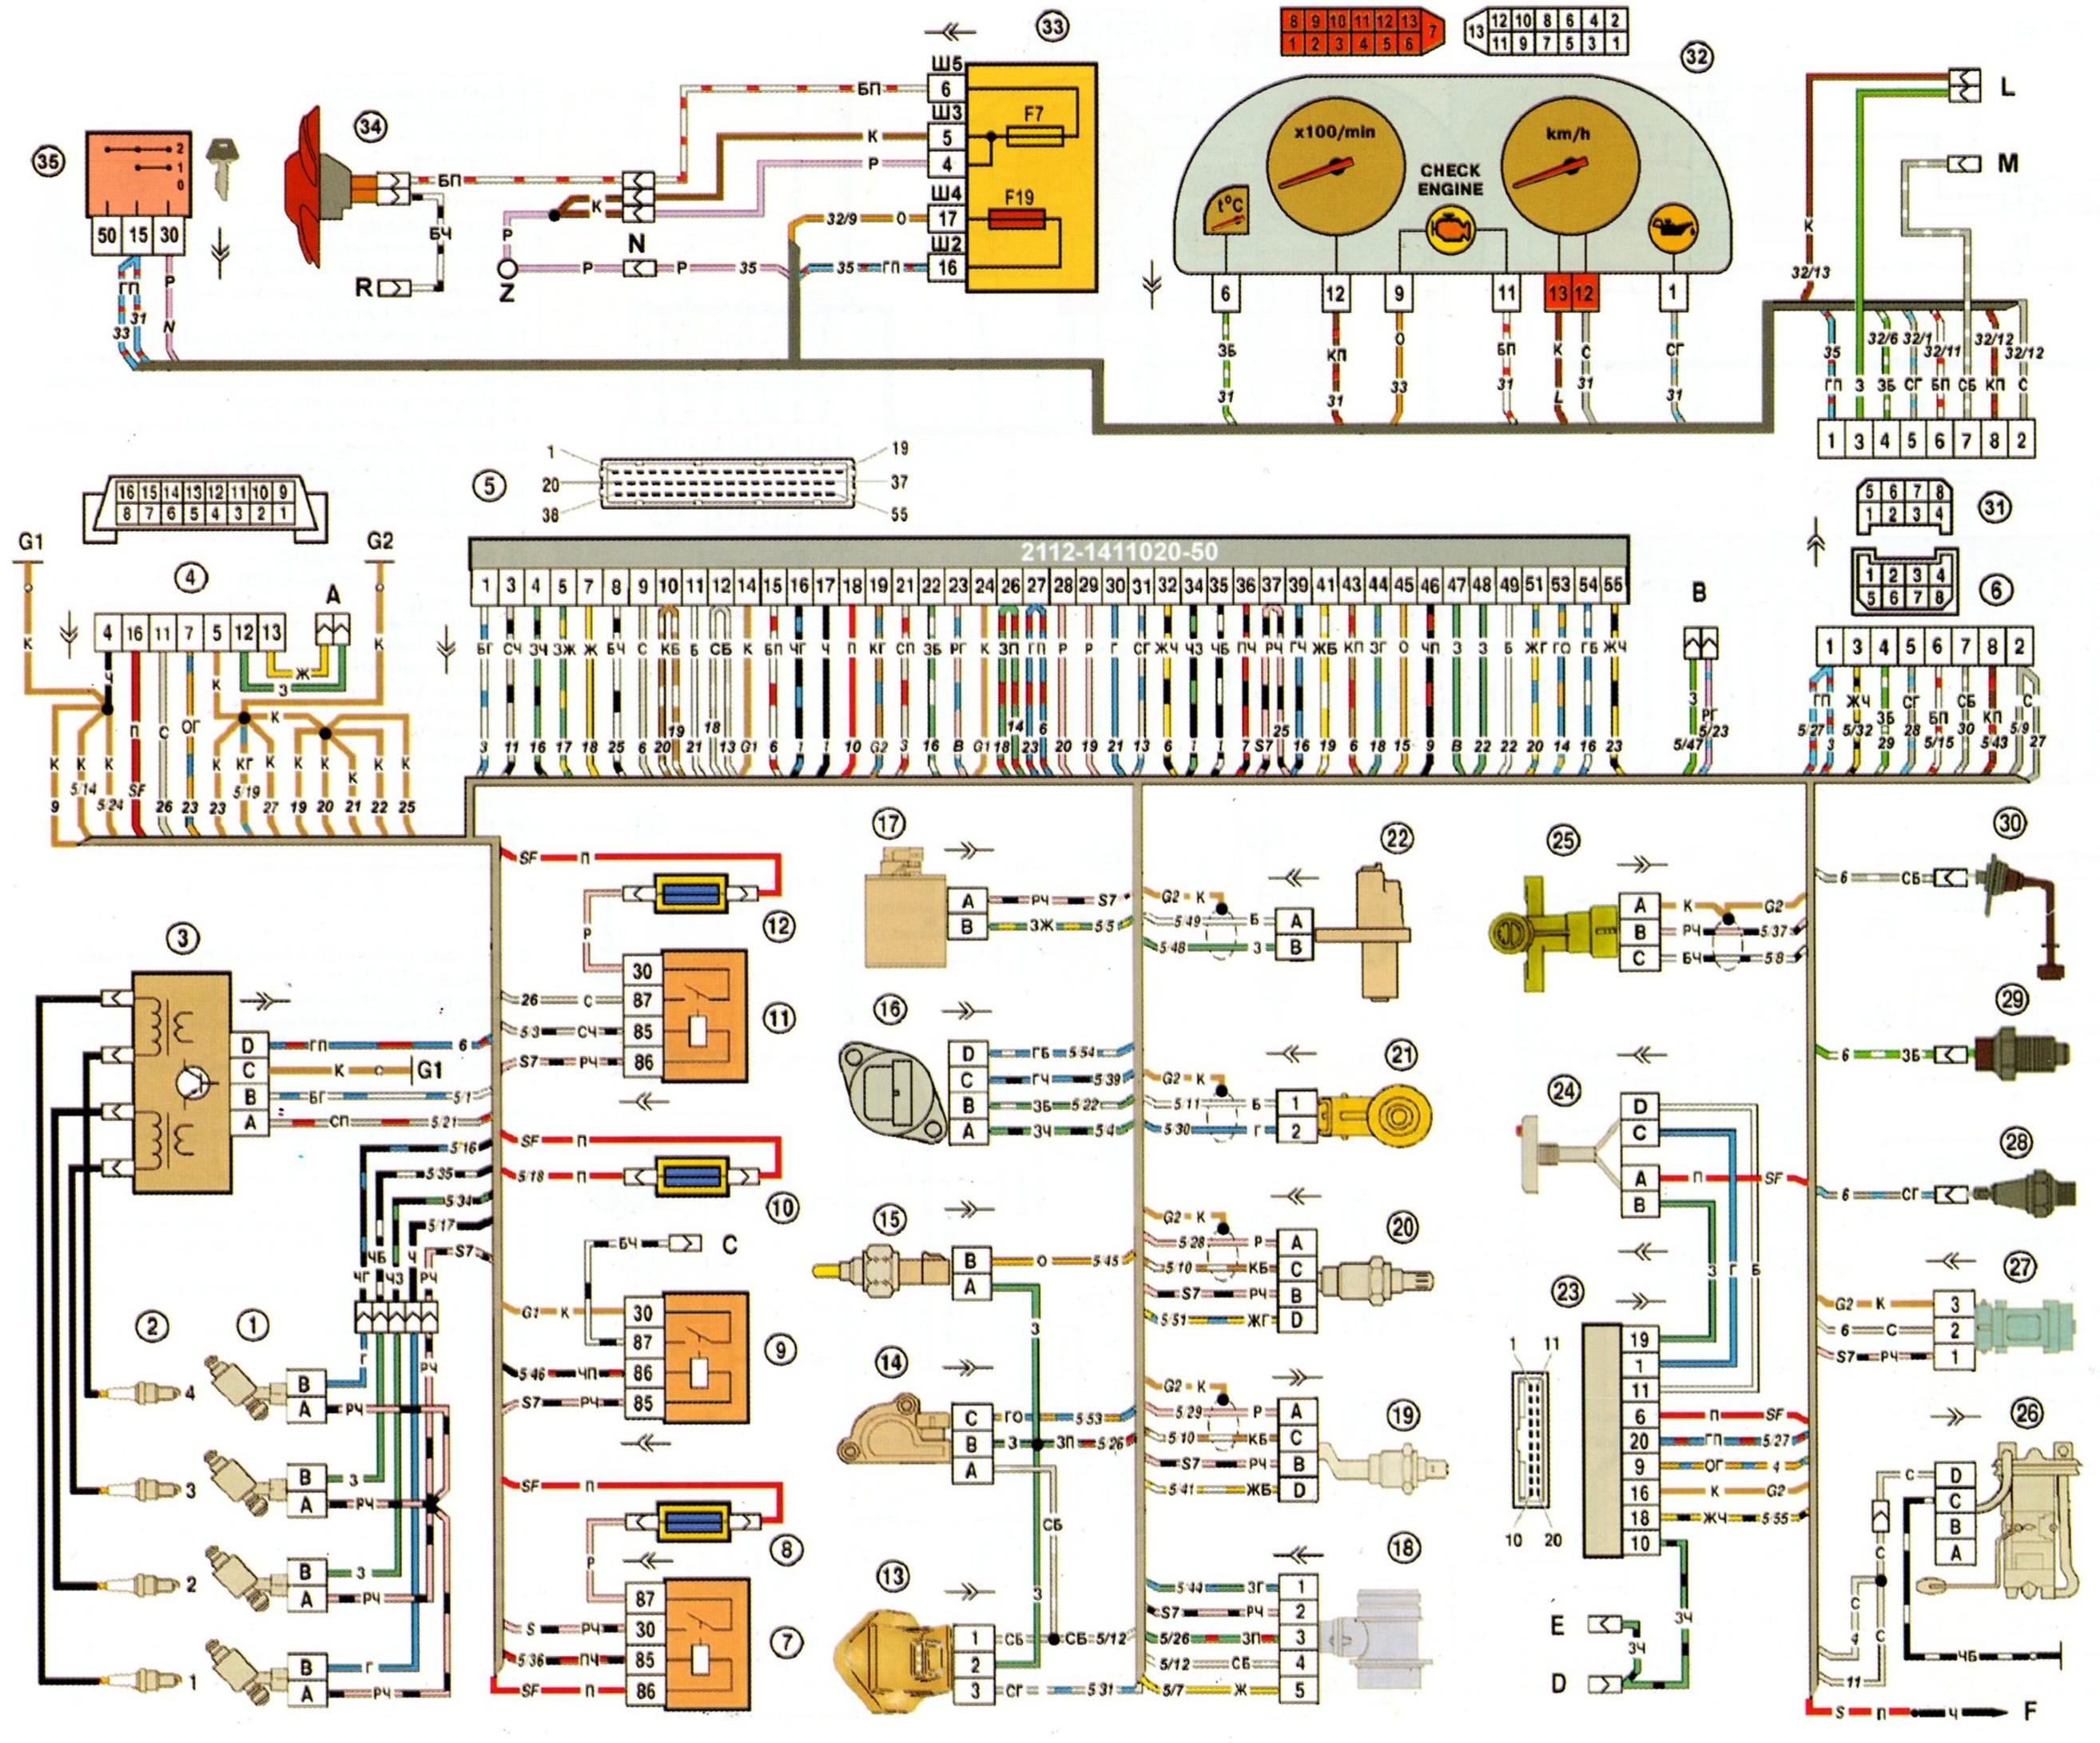 Электрическая схема автомобилей ваз 2110, ваз 2112 представлена на рис.  Ознакомившись с данной схемой вы сможете...